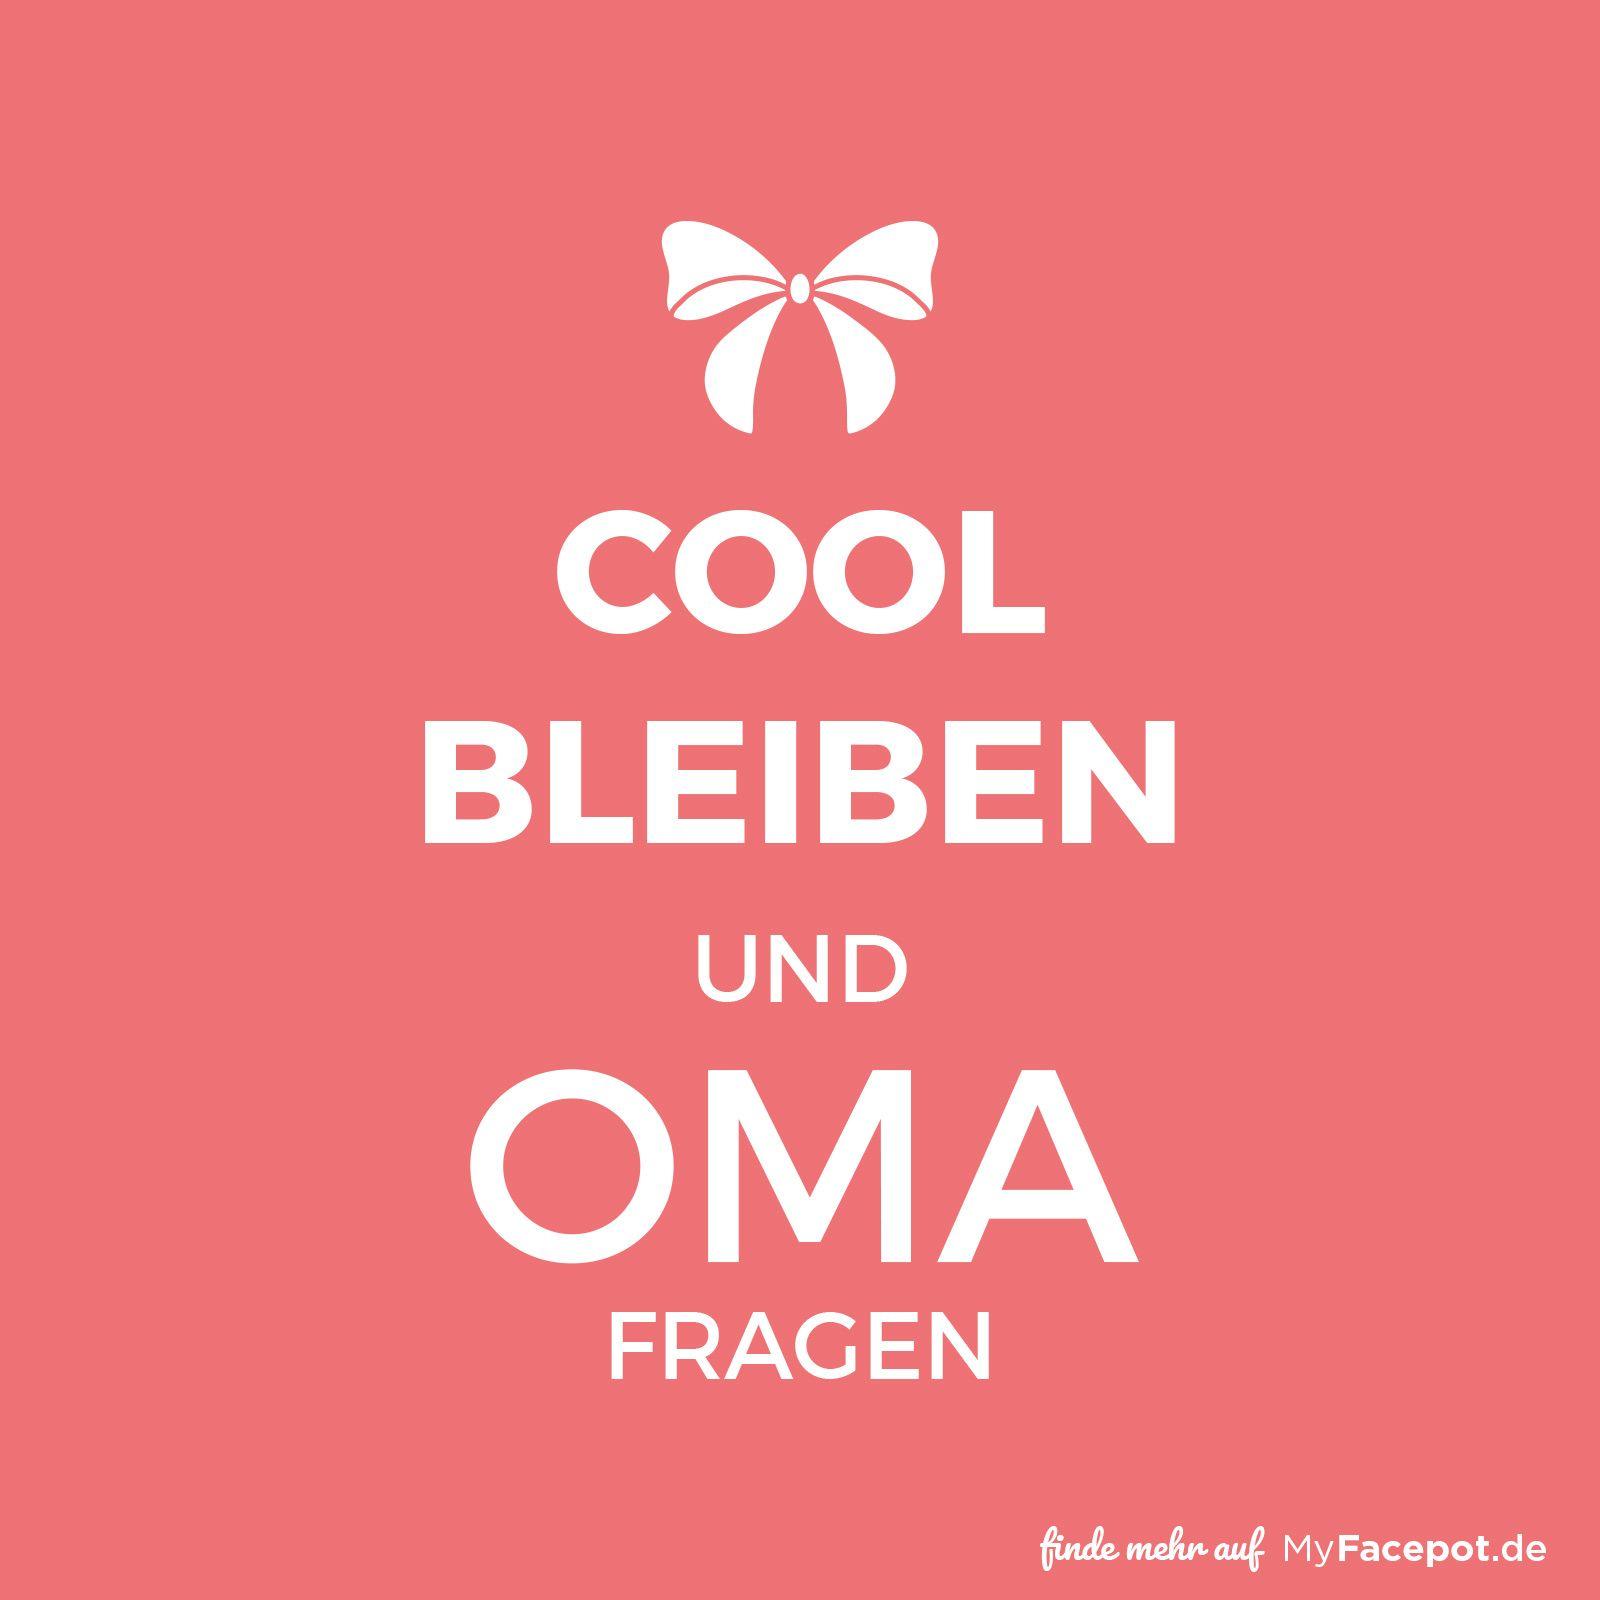 Cool bleiben und Oma fragen Coole Geschenke für coole Omas machen ...